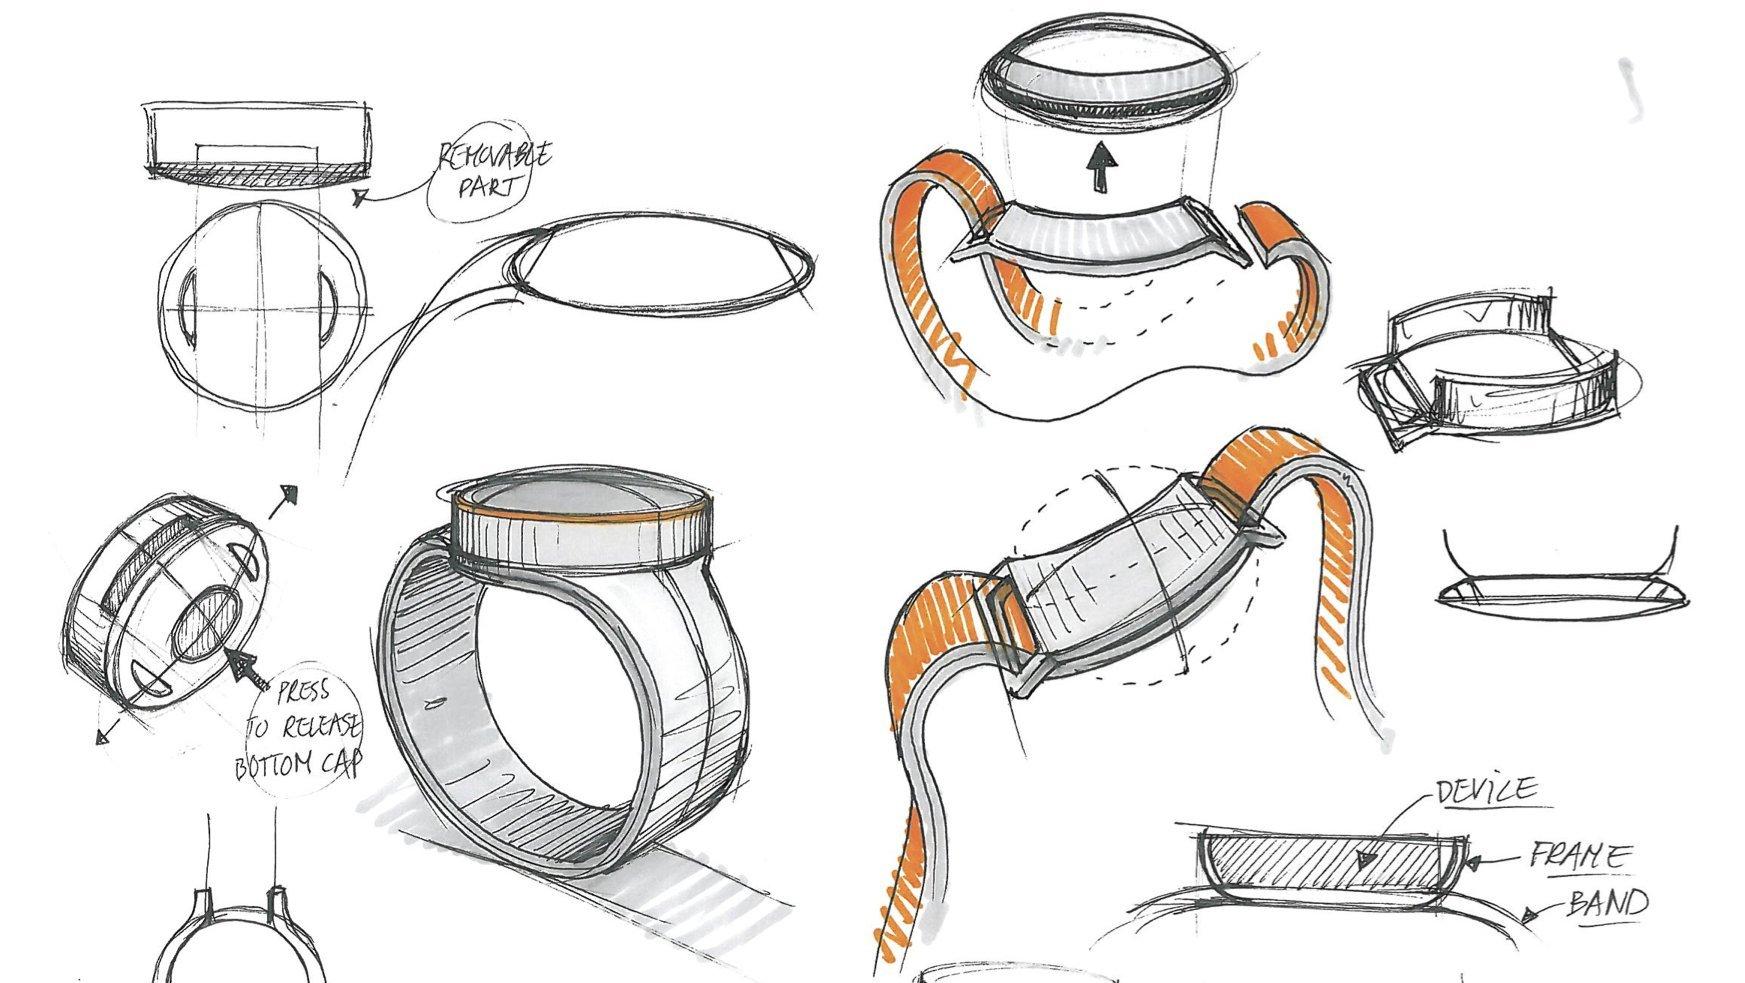 OnePlus chystá chytré hodinky, možná s Wear OS [aktualizováno]